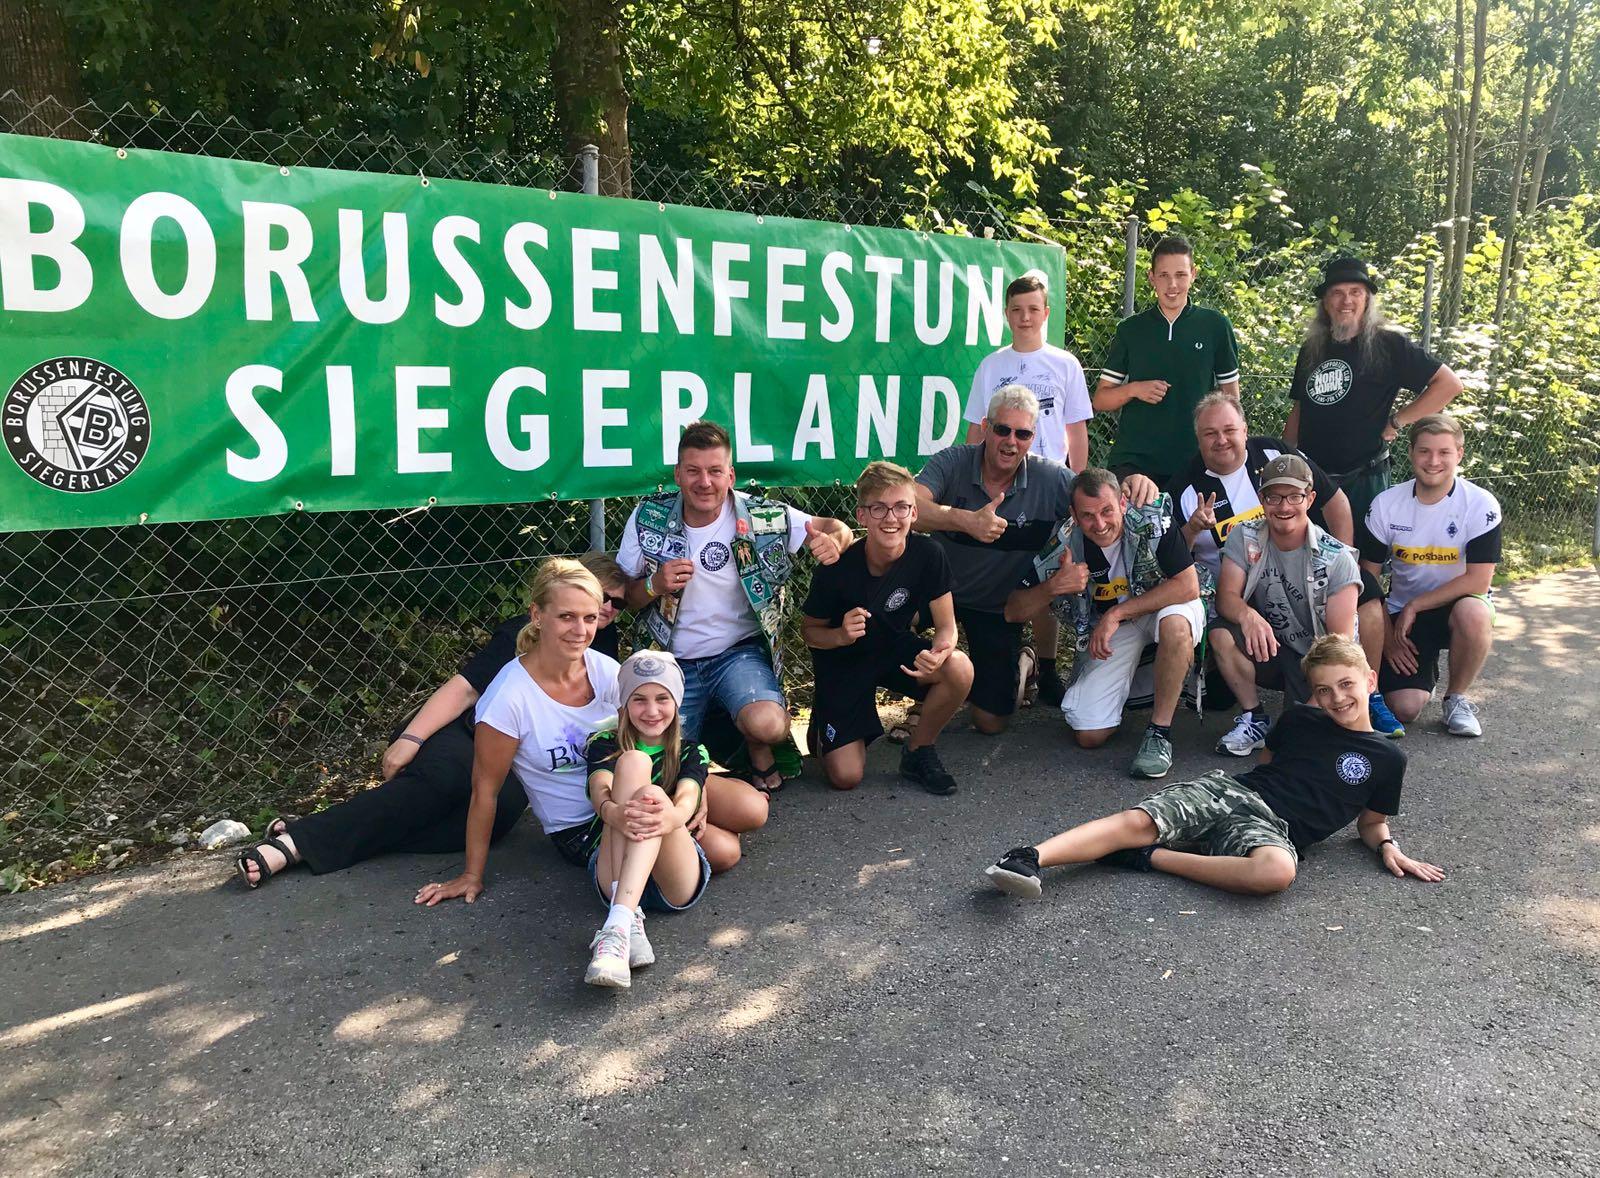 Tegernsee 2018